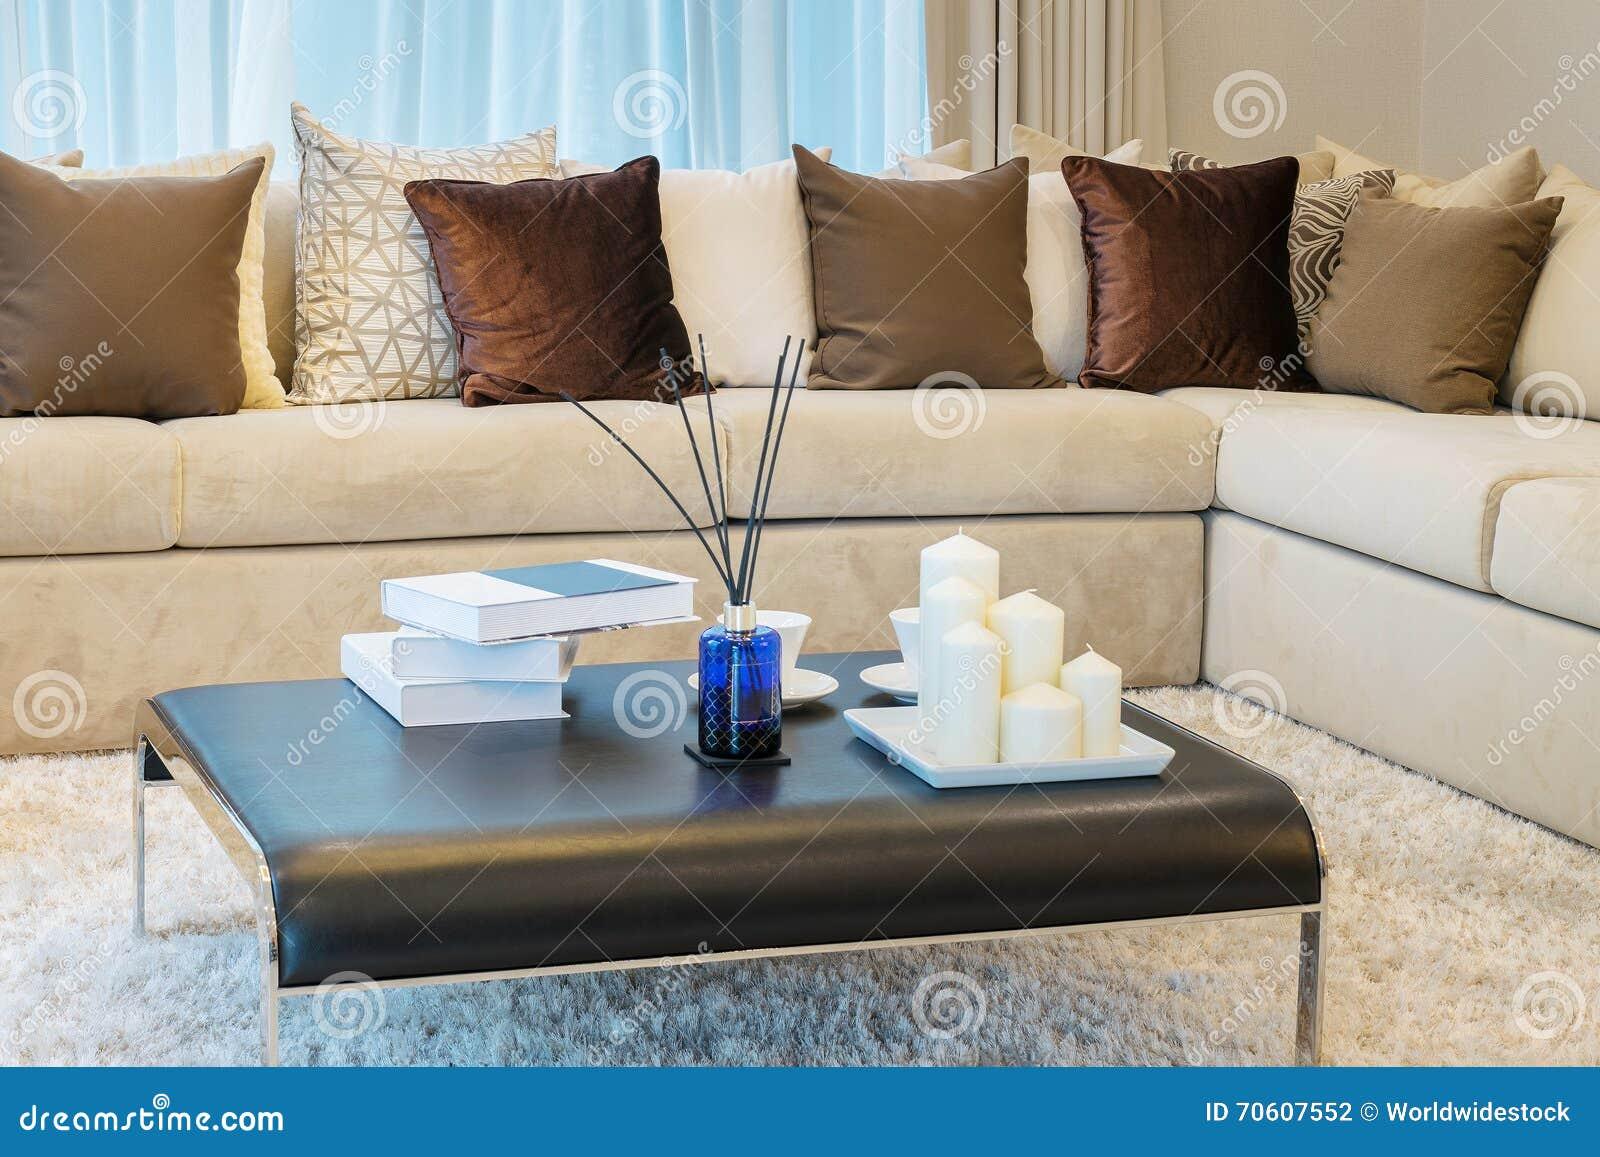 Cuscini Marroni.Salone Moderno Con Il Sofa Ed I Cuscini Marroni Fotografia Stock